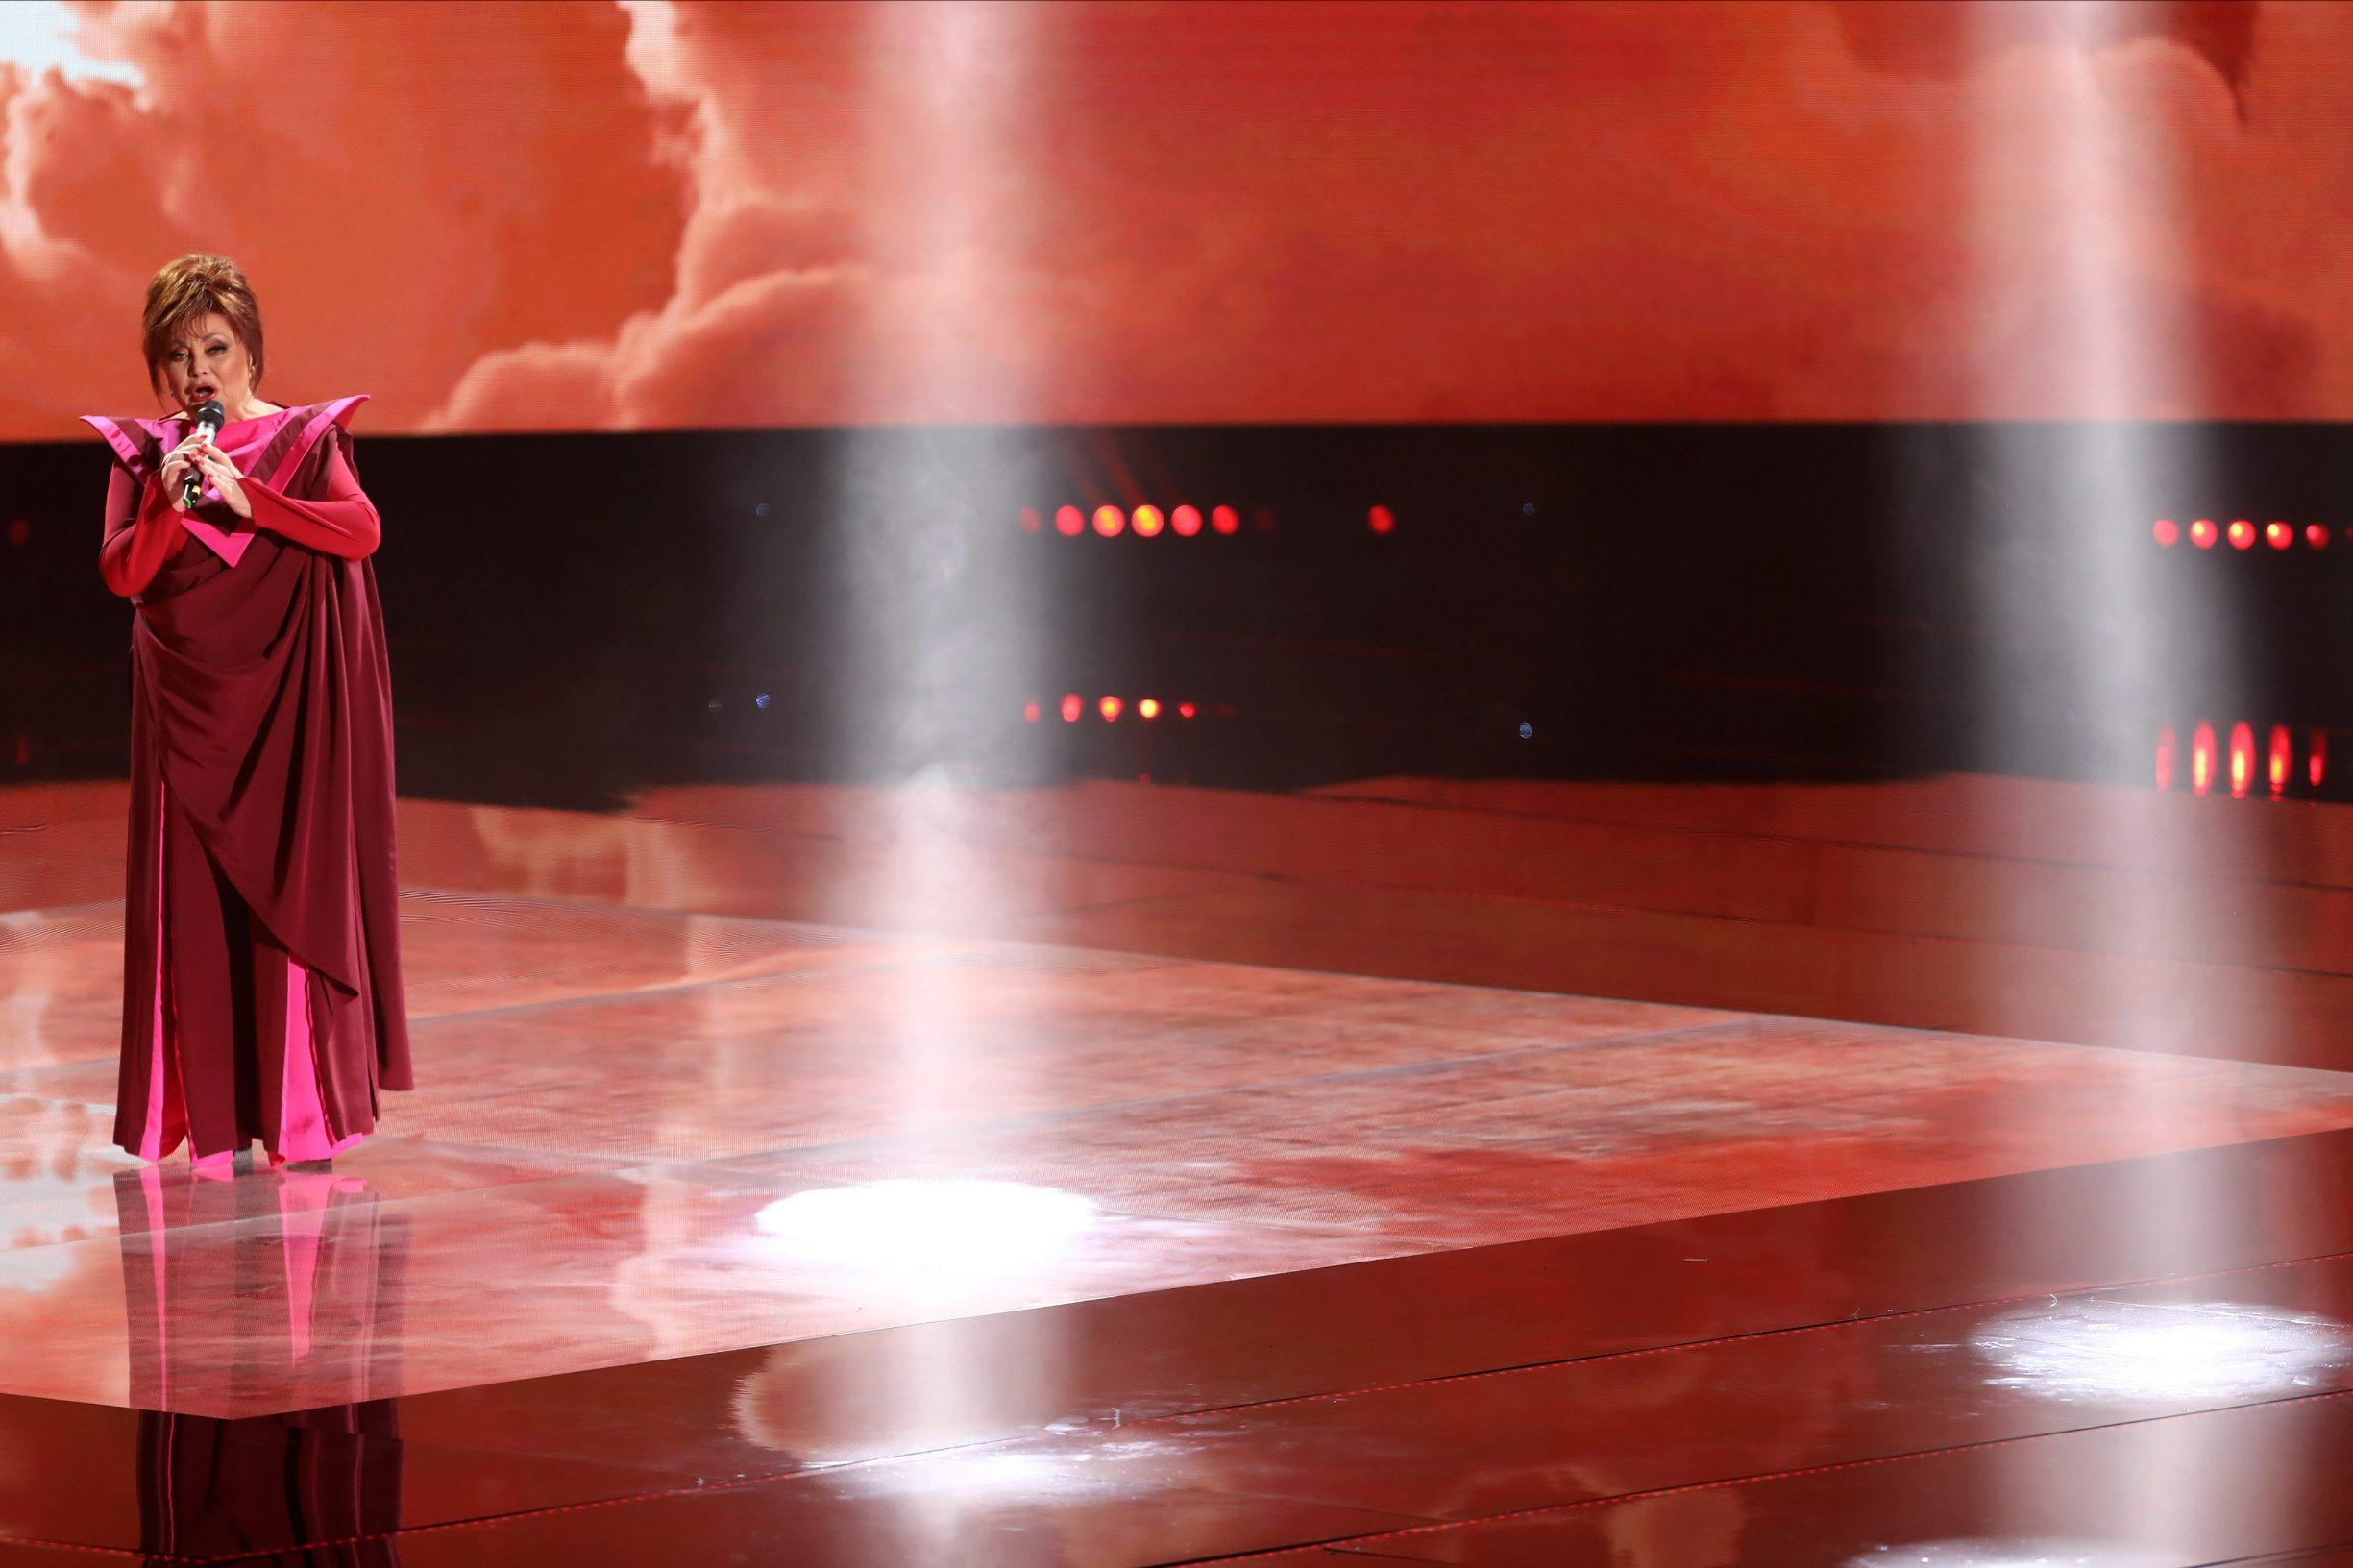 Opatija, 290220. Sportska dvorana Marino Cvetkovic. Glazbeni dani HRT-a u Opatiji. Dora, izbor za pjesmu Eurovizije. Na fotografiji: Zdenka Kovacicek. Foto: Matija Djanjesic / CROPIX